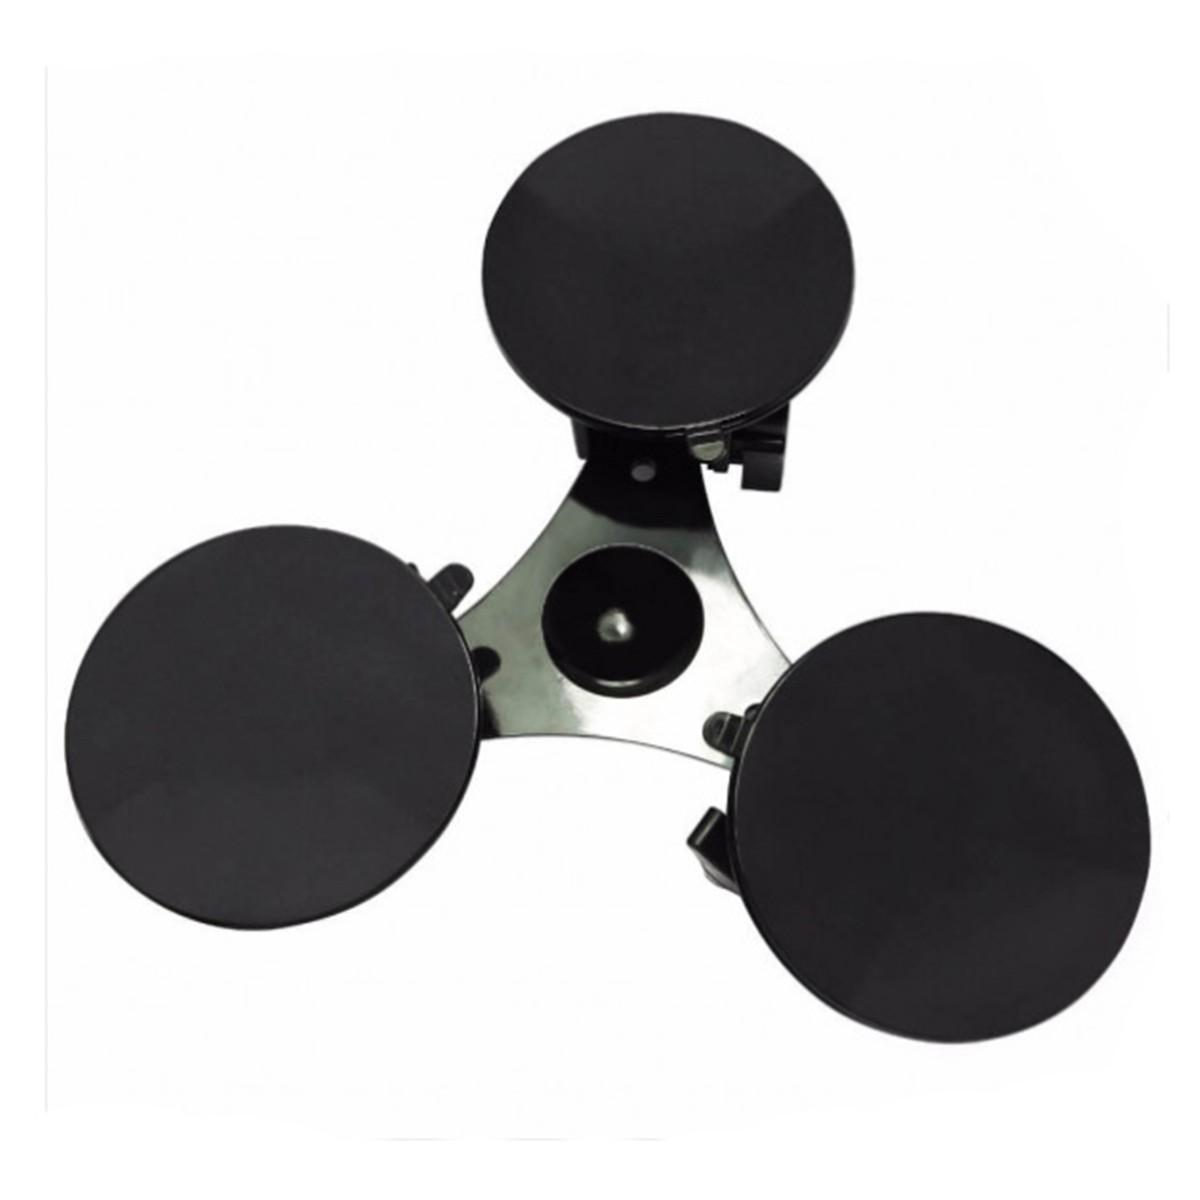 Suporte Ventosa Tripla para GoPro e Câmeras de ação